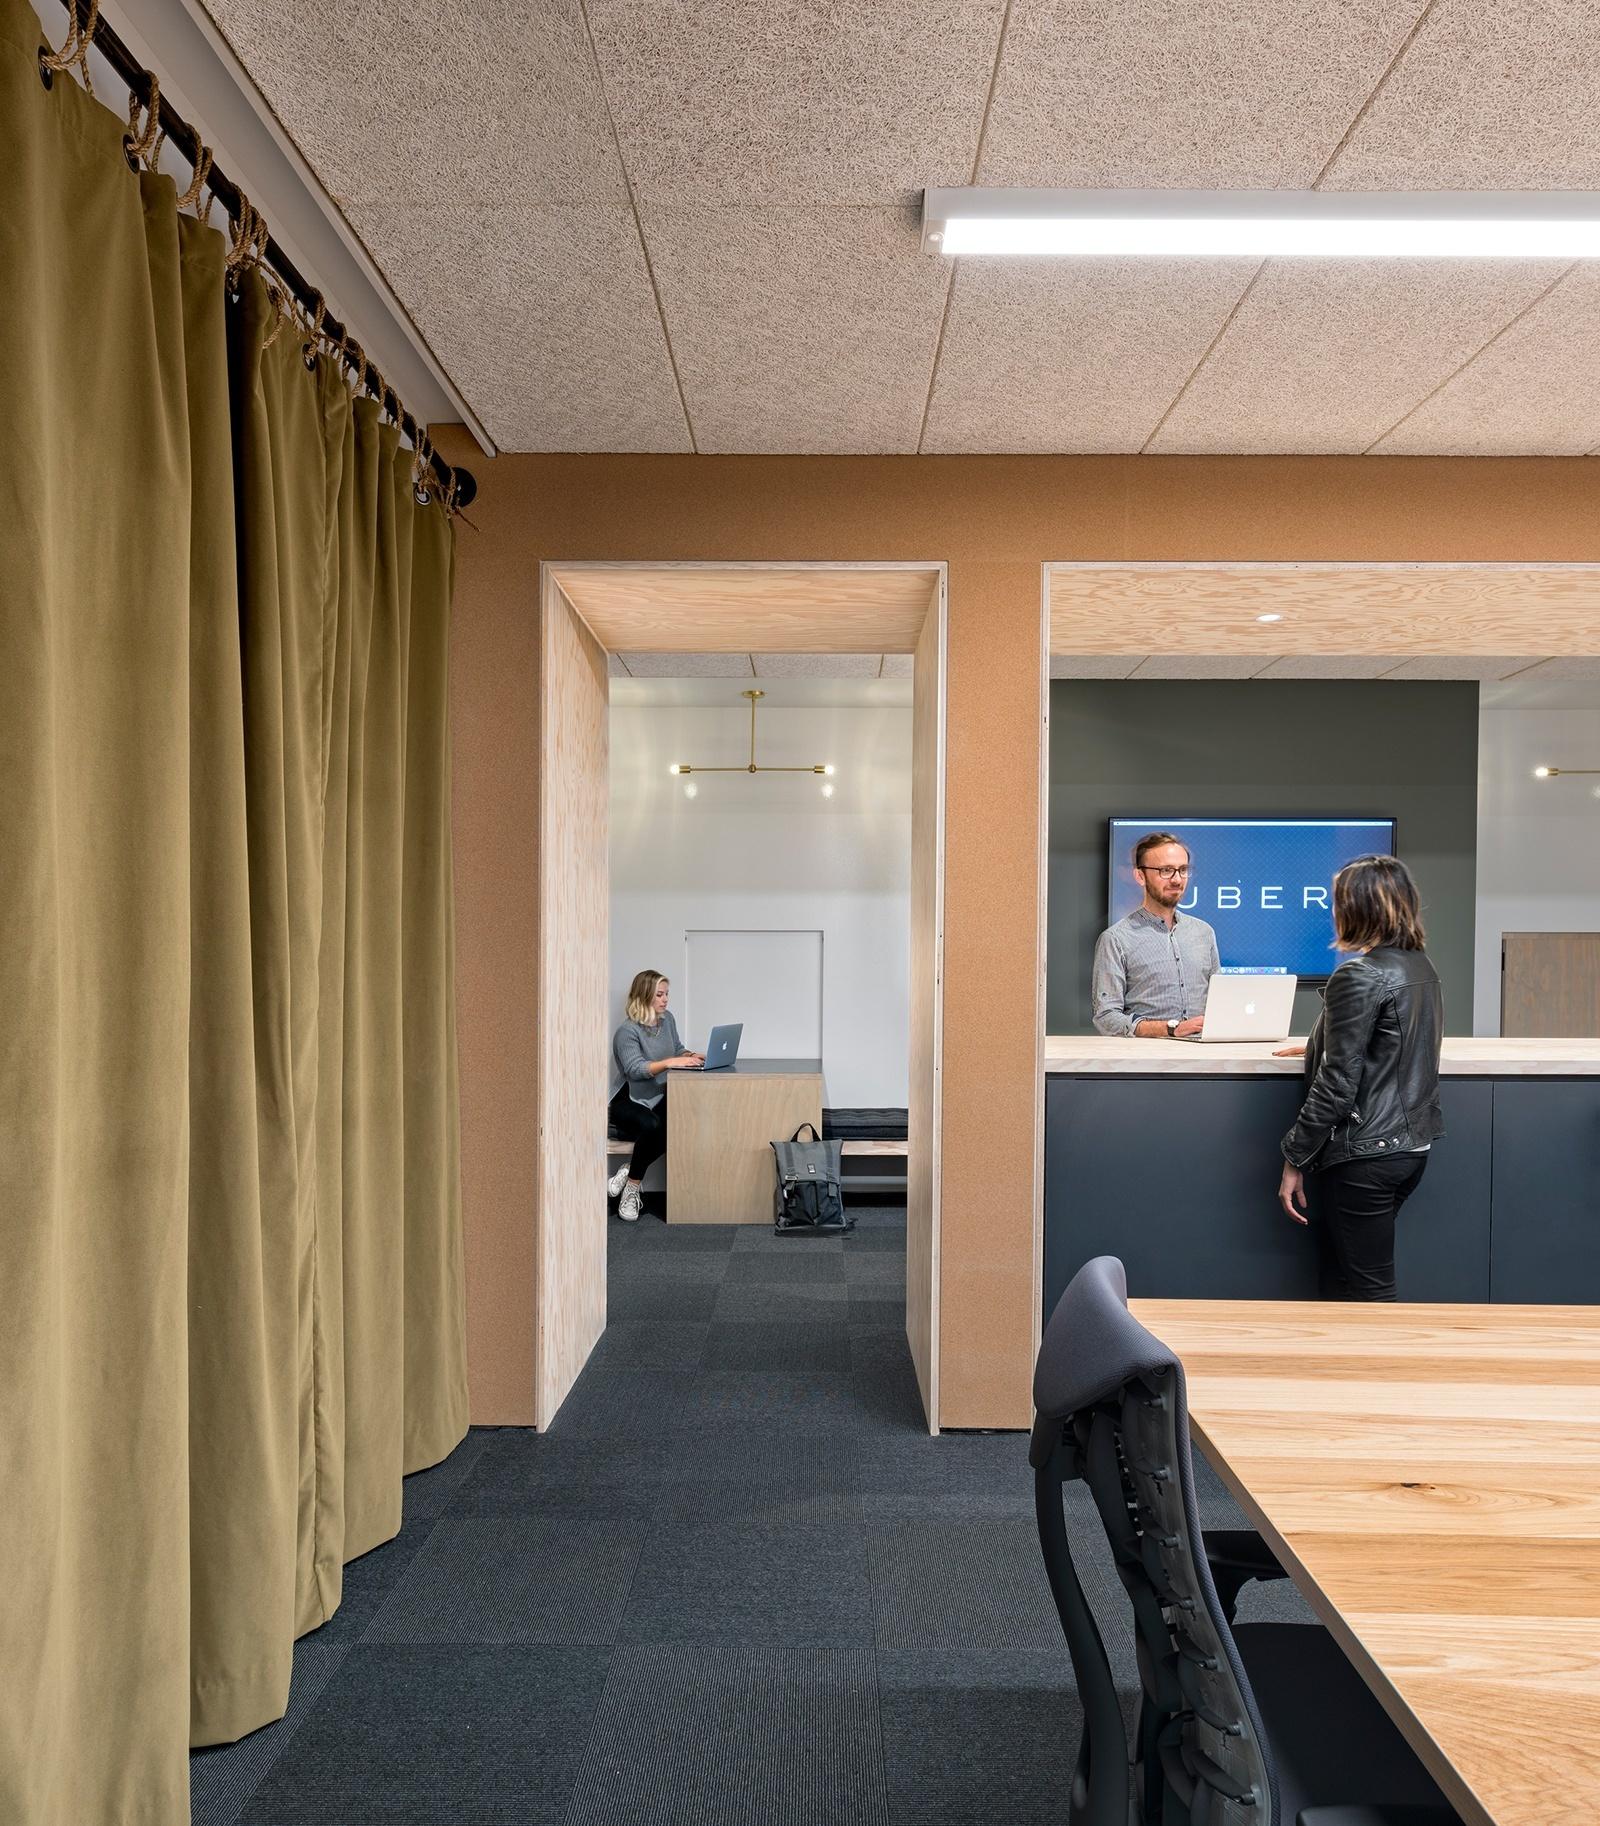 uber-office-new-floor-2